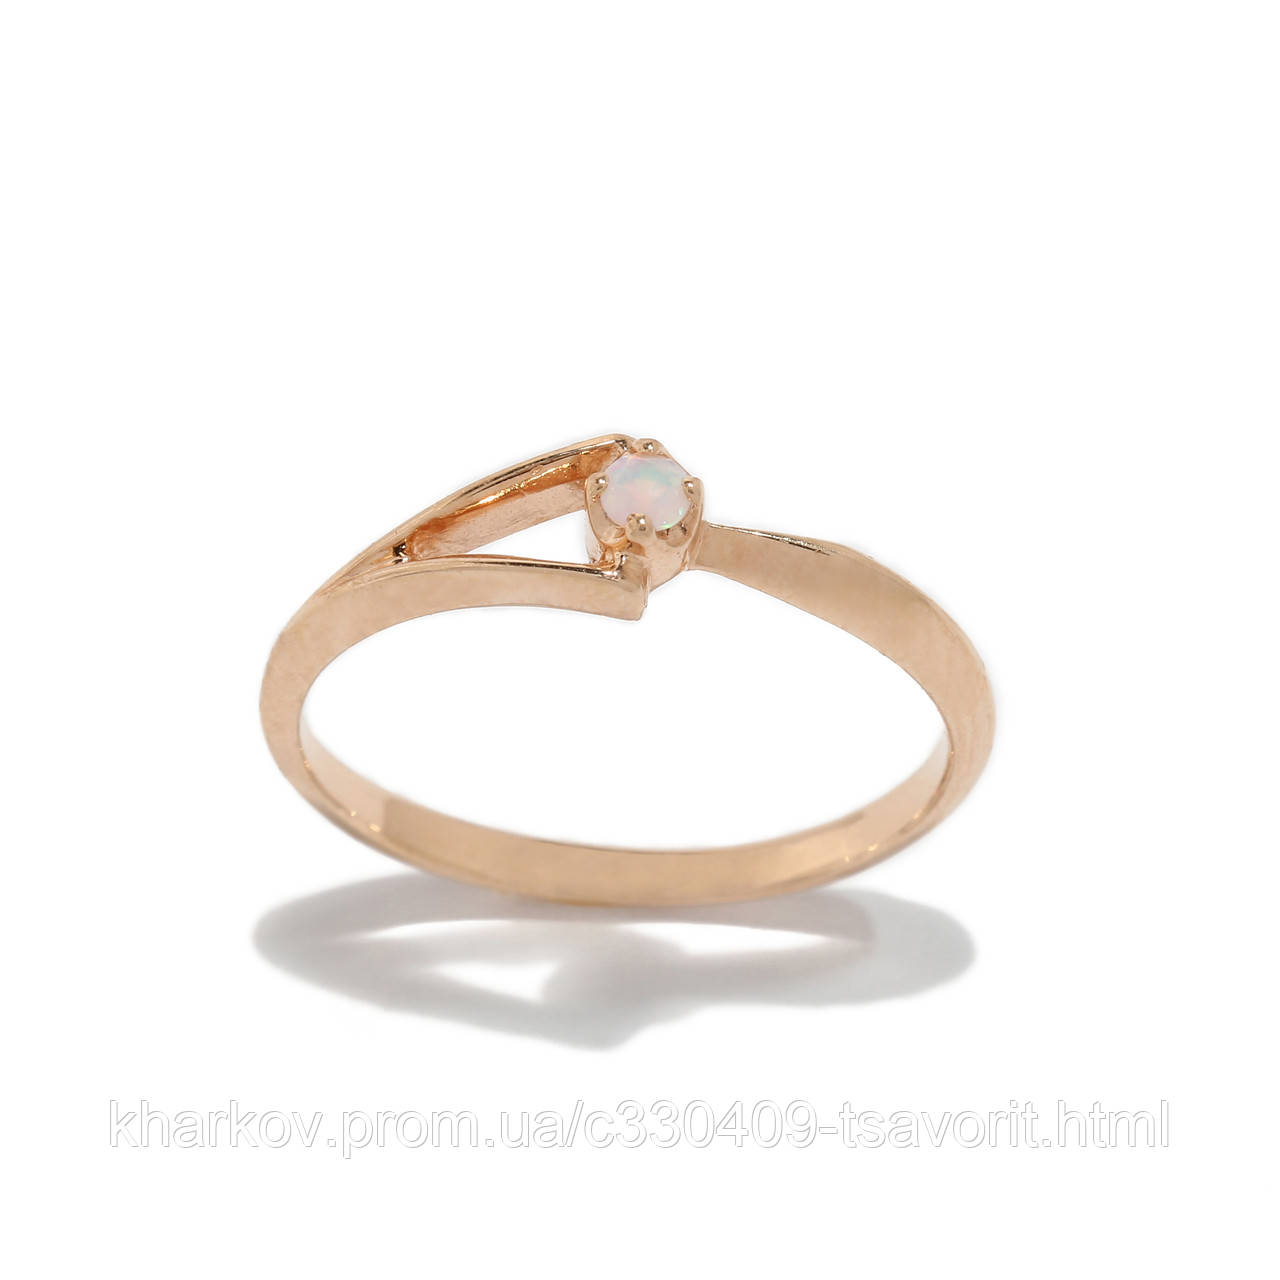 Золотое кольцо с опалом 2280101